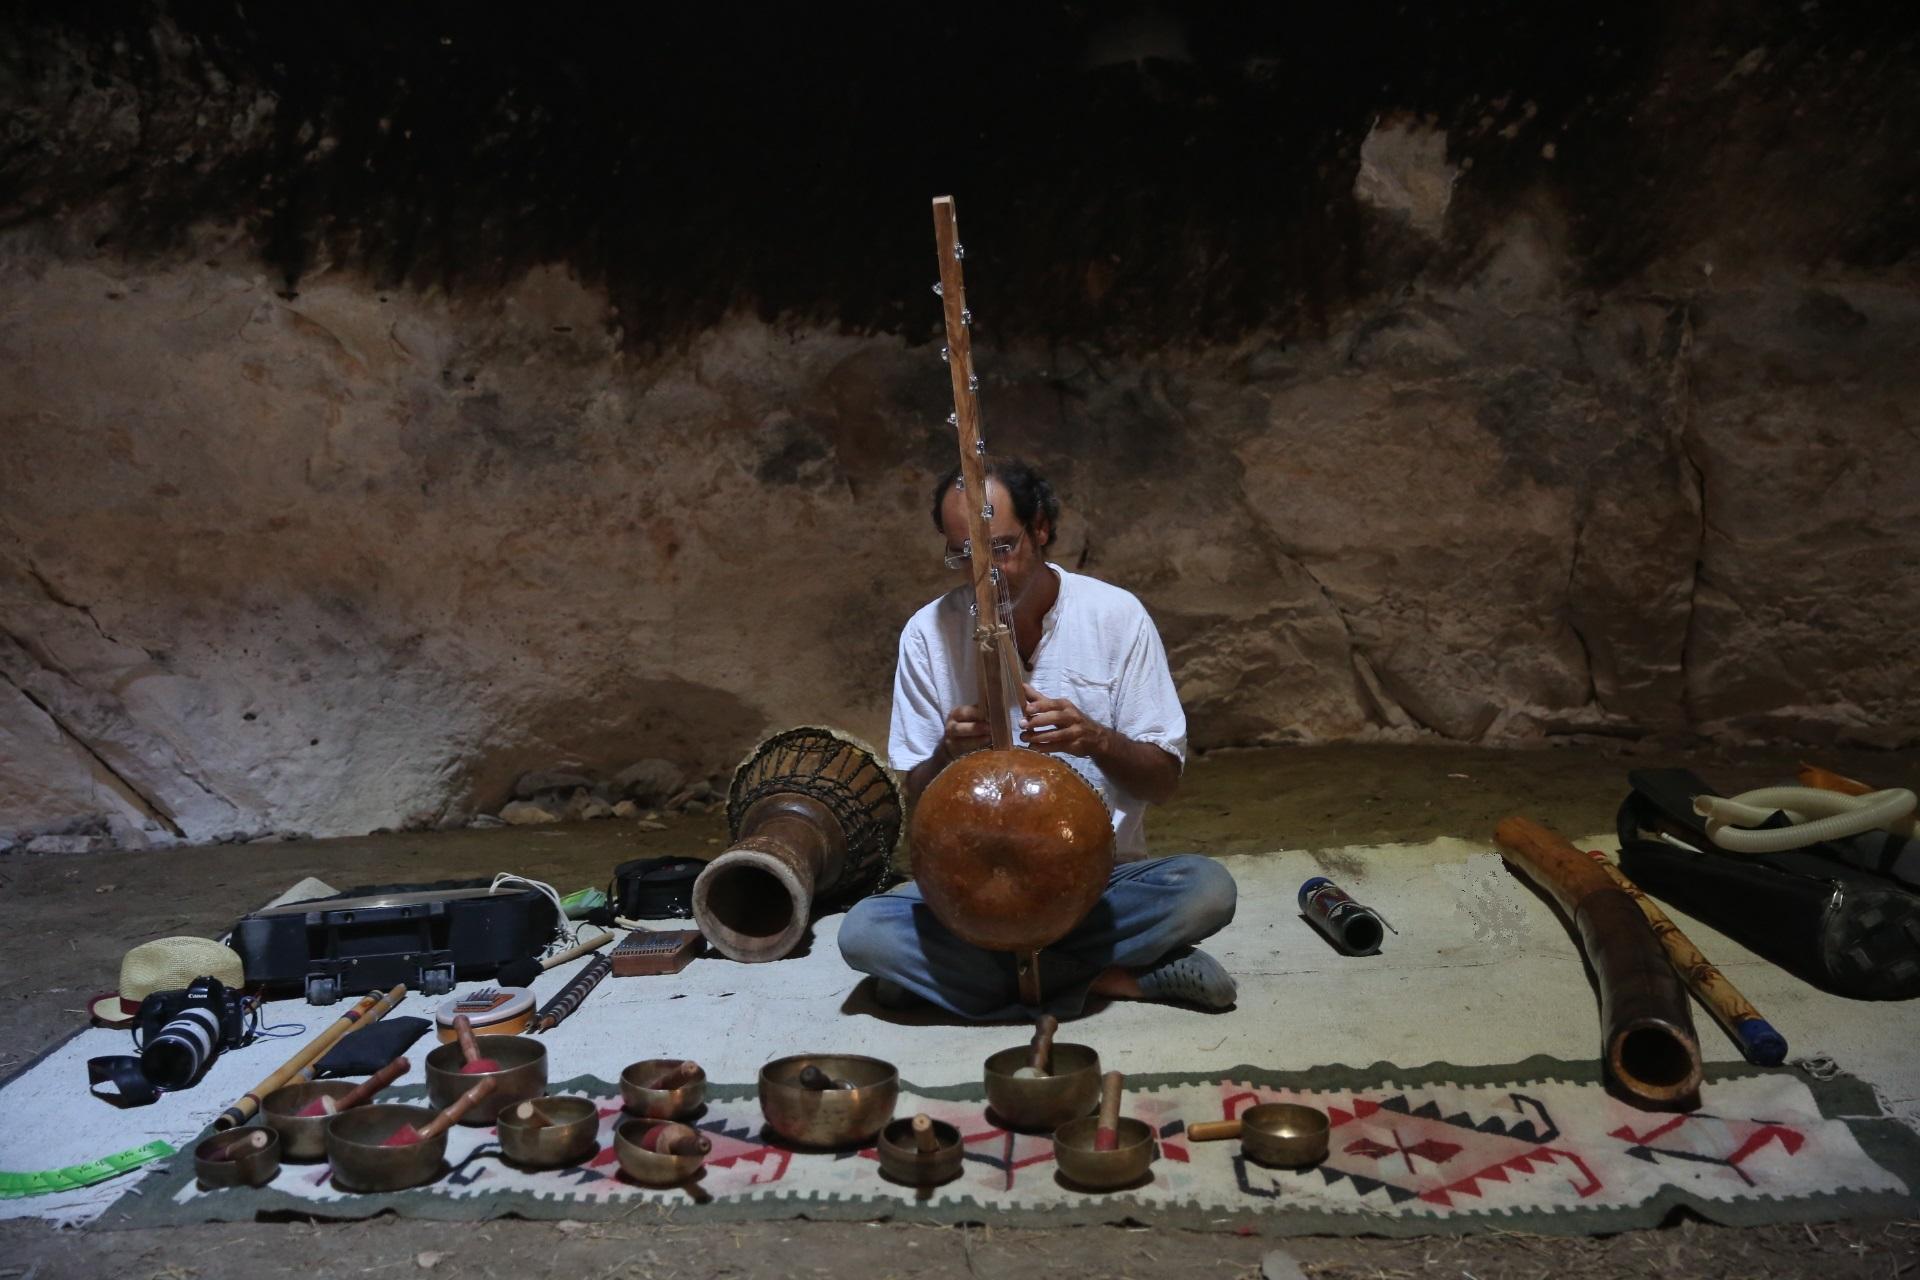 סדנת מוסיקה במערת הפעמון